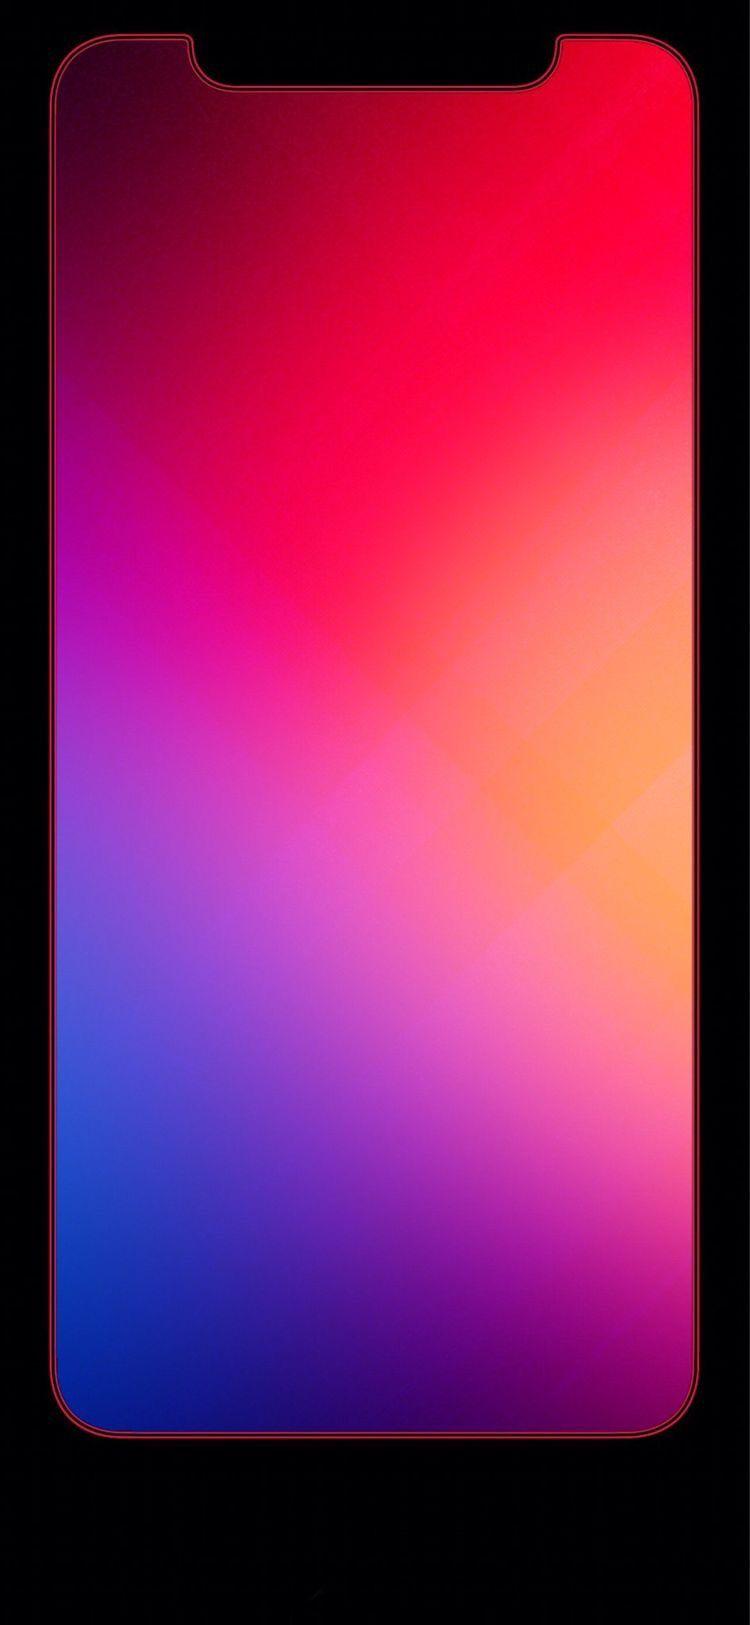 Iphonexs Wallpaper おしゃれまとめの人気アイデア Pinterest